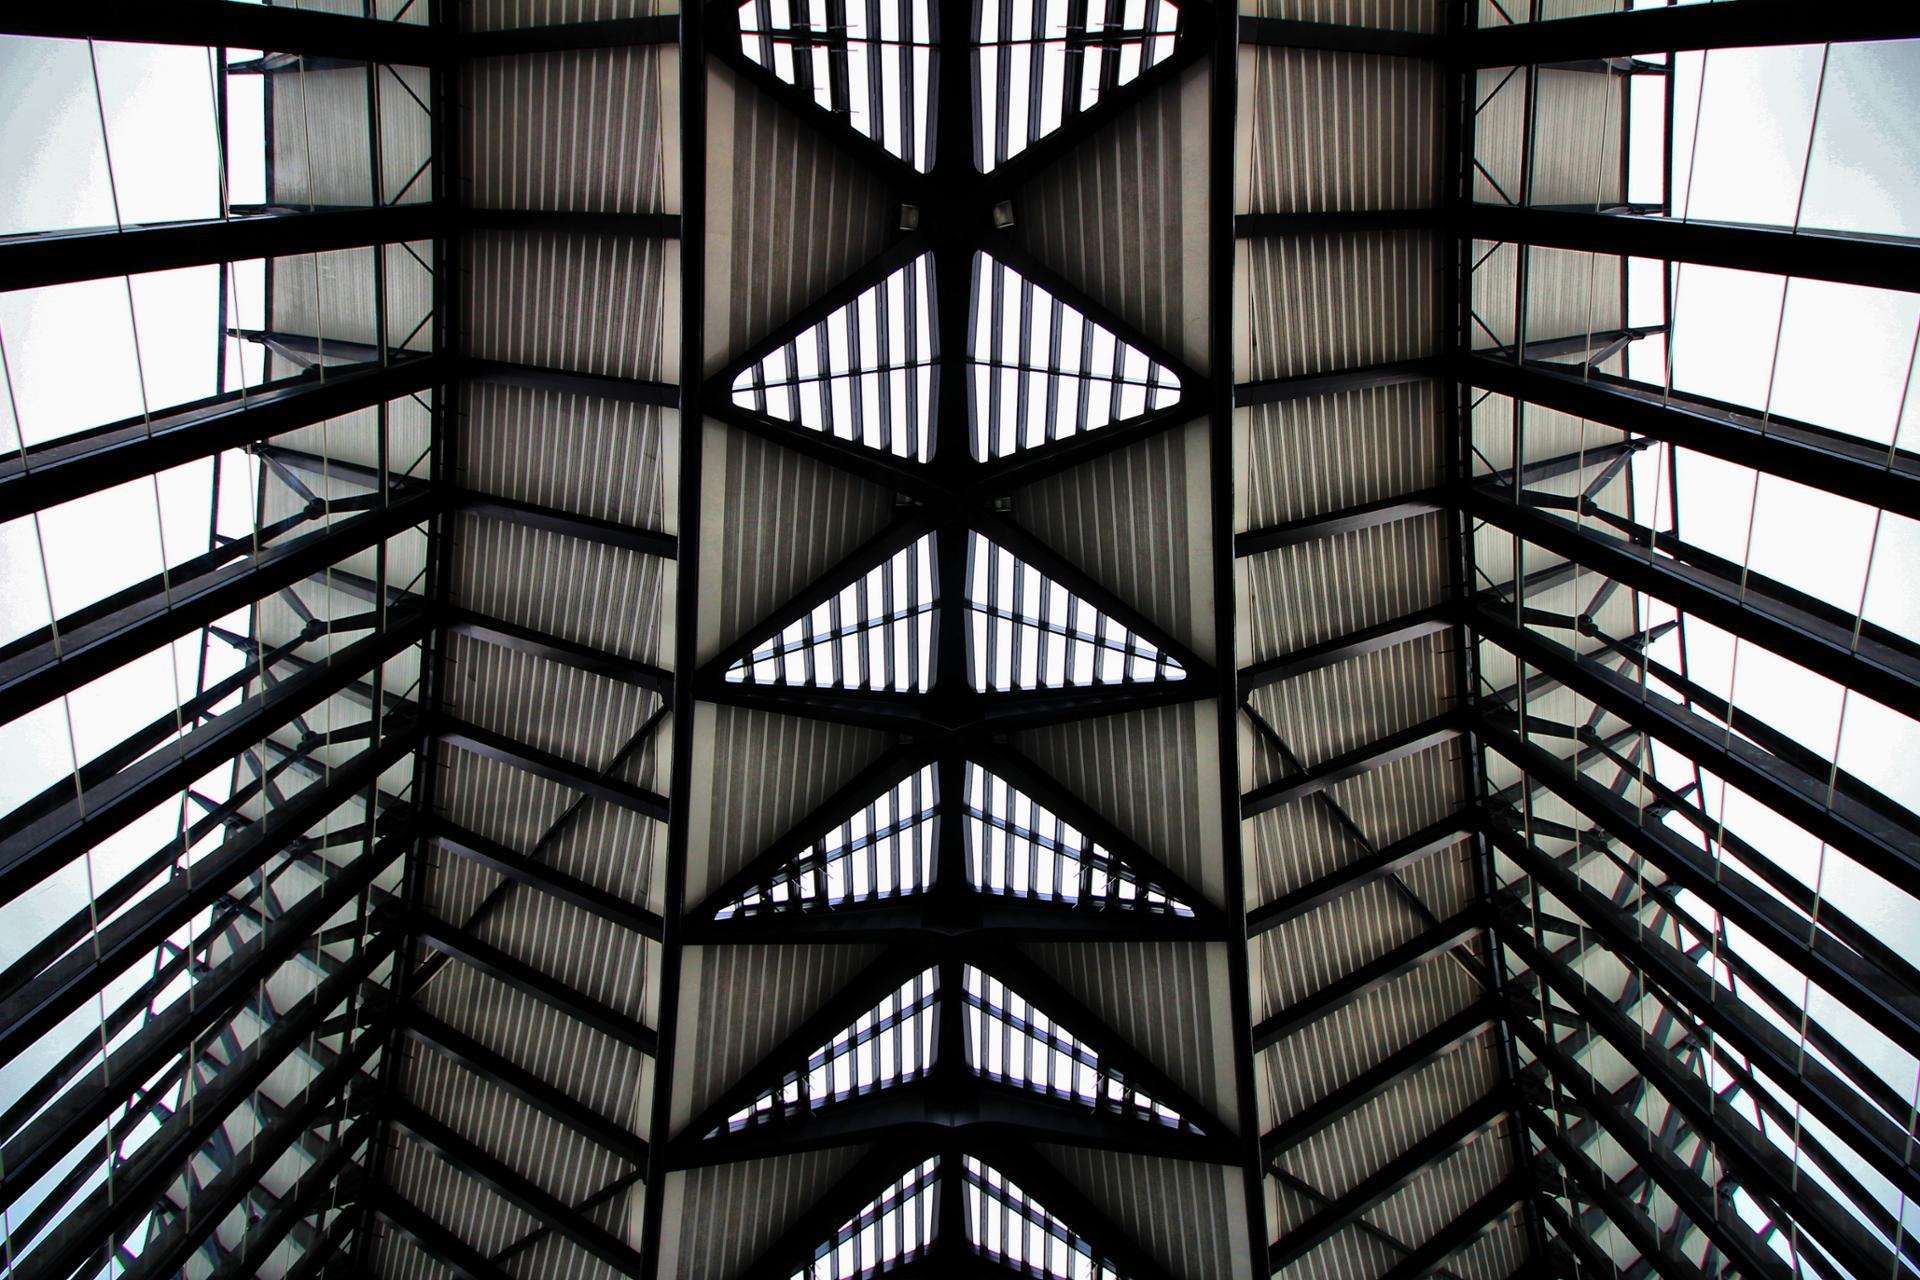 Aéroport St Exupery - Interieur 2